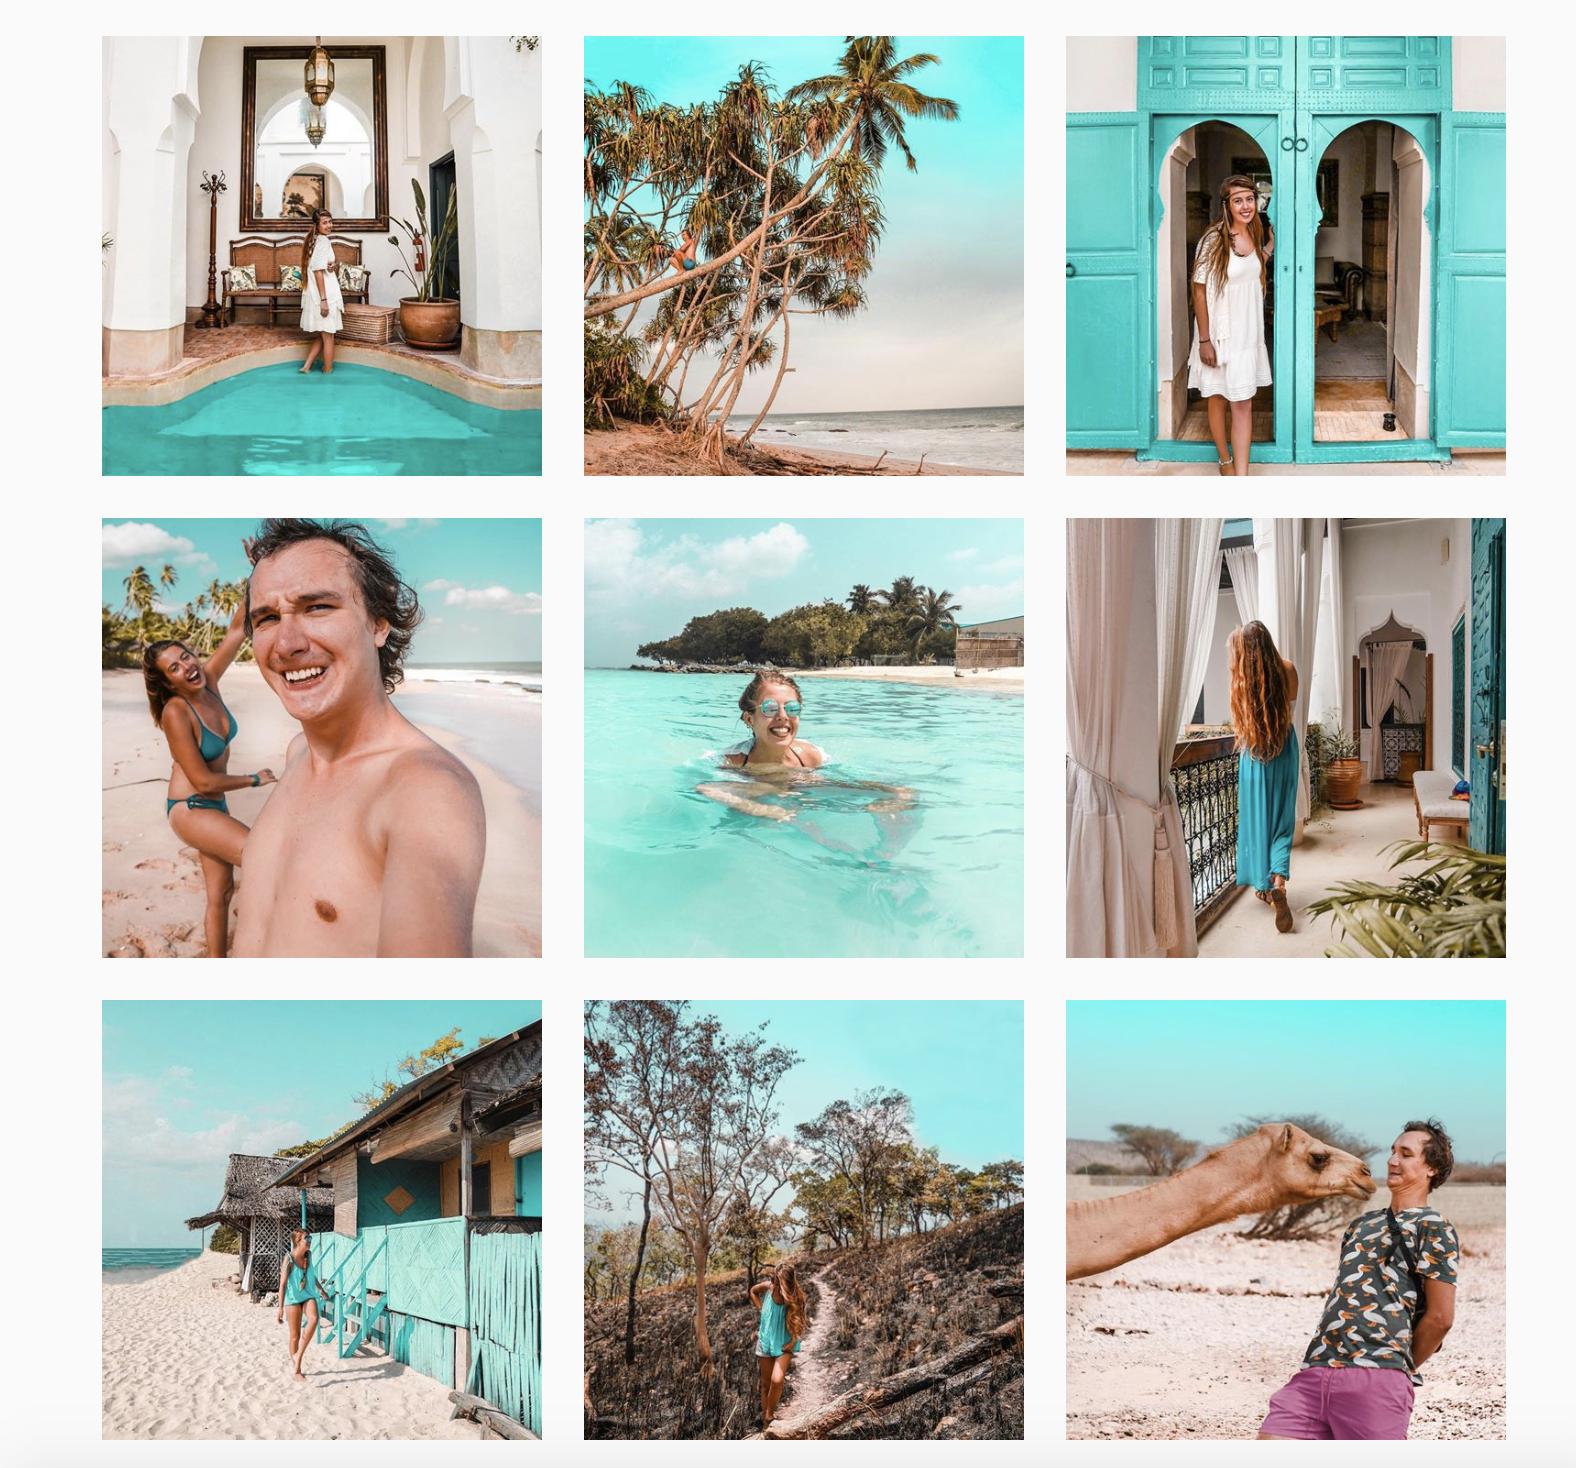 podróz odbyta instagram